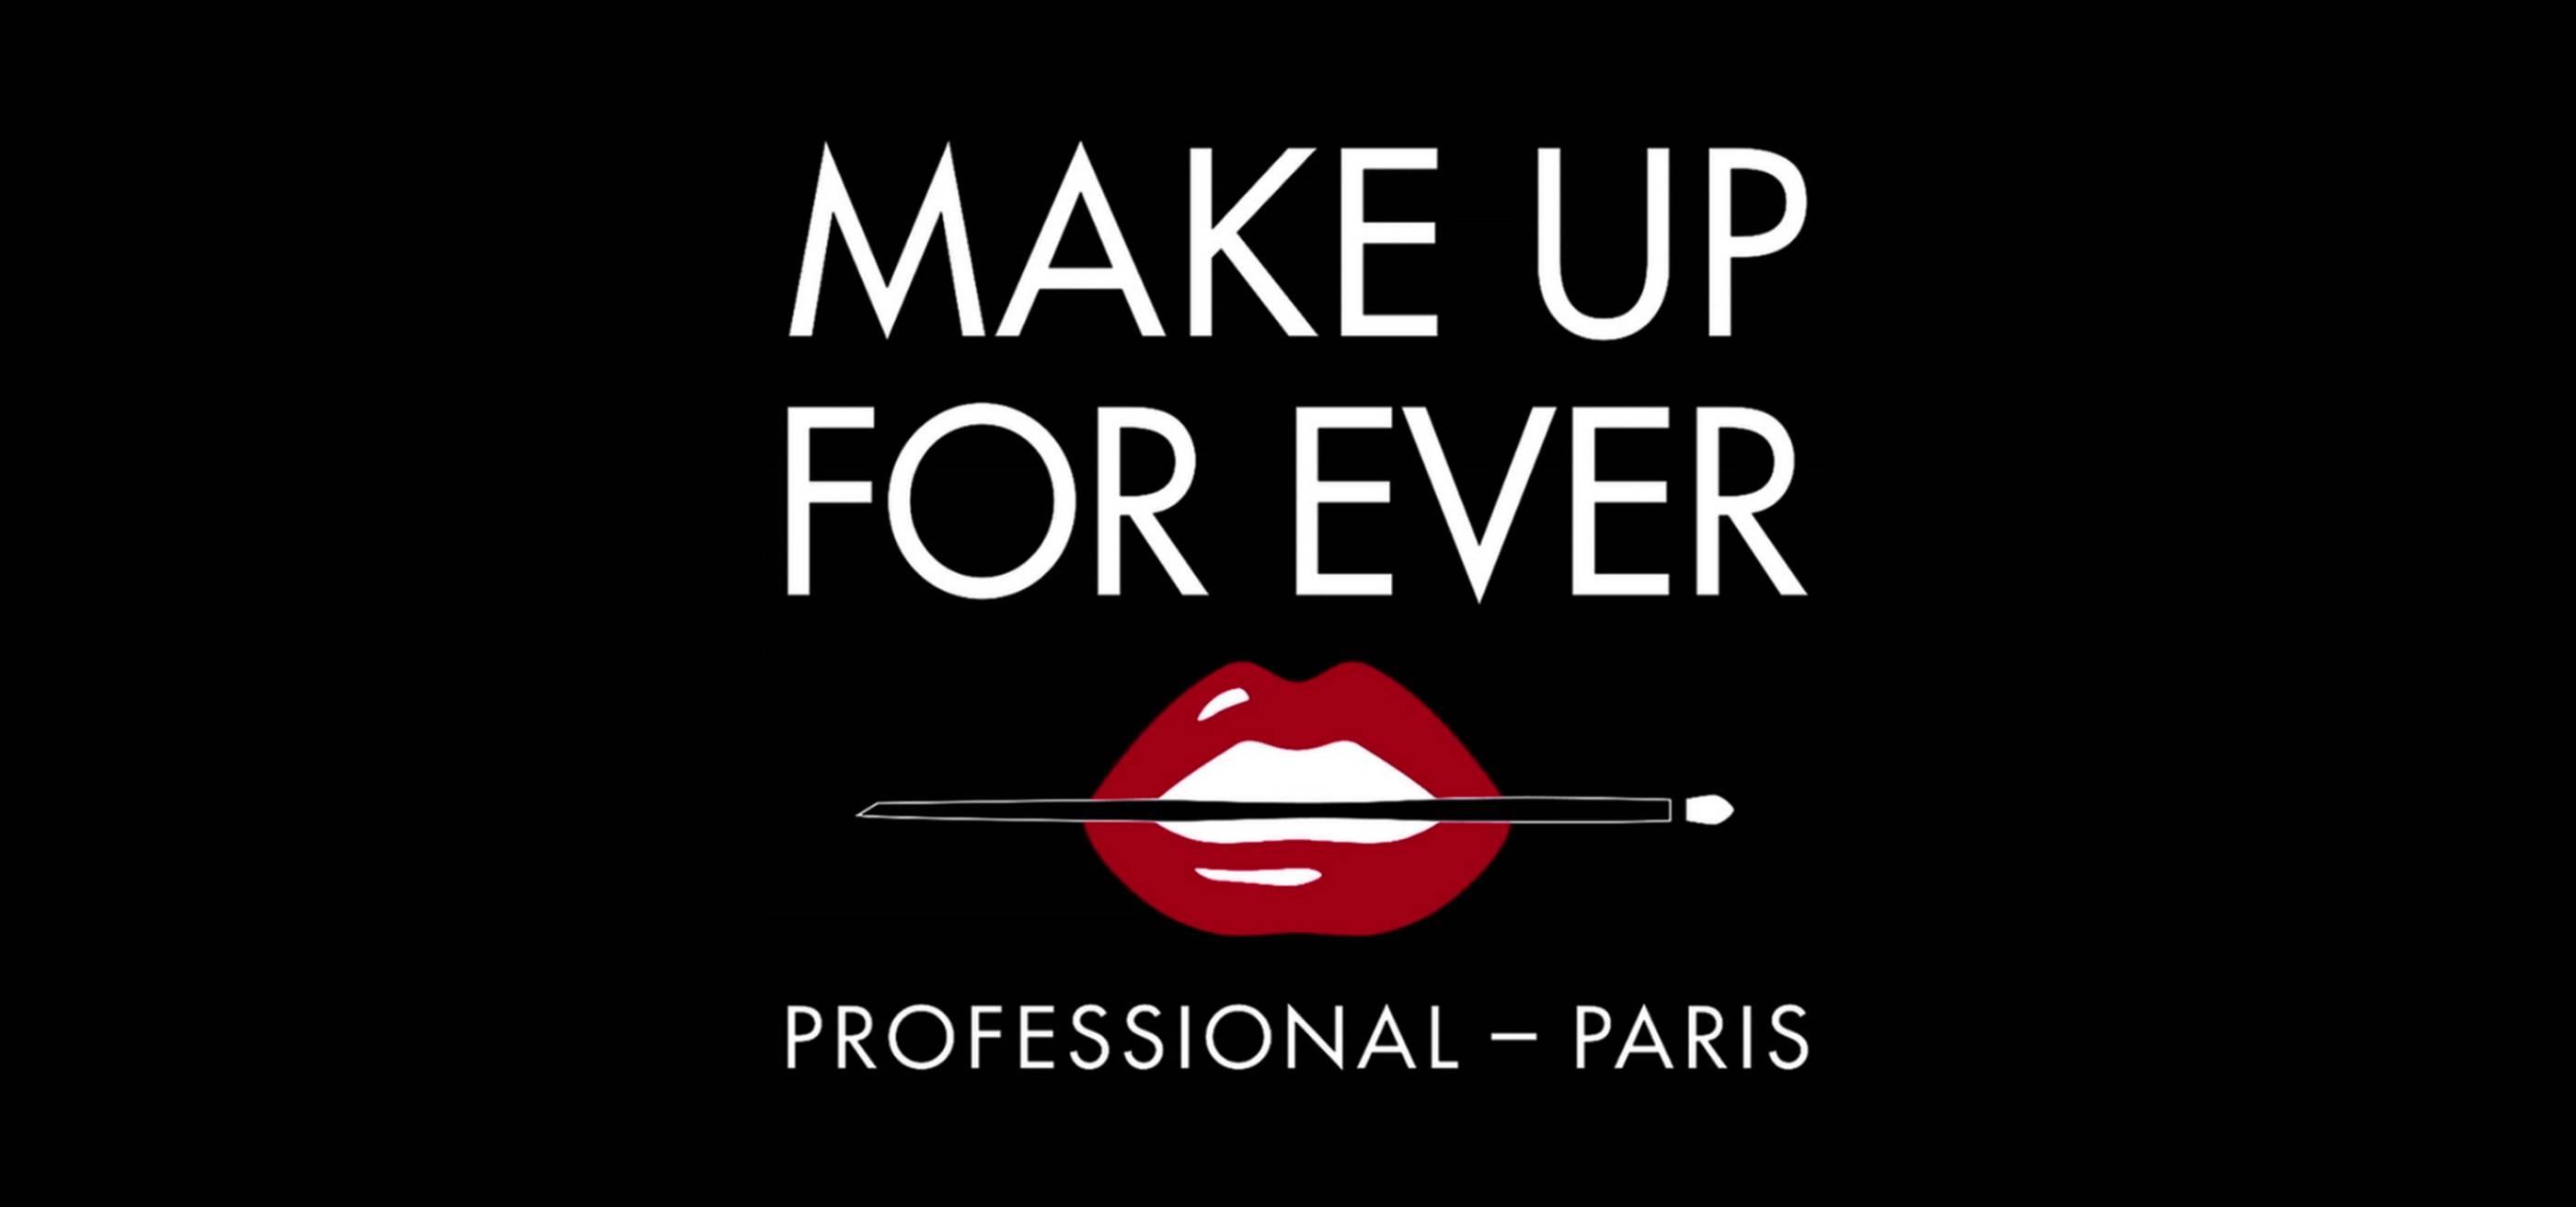 make up forever paris